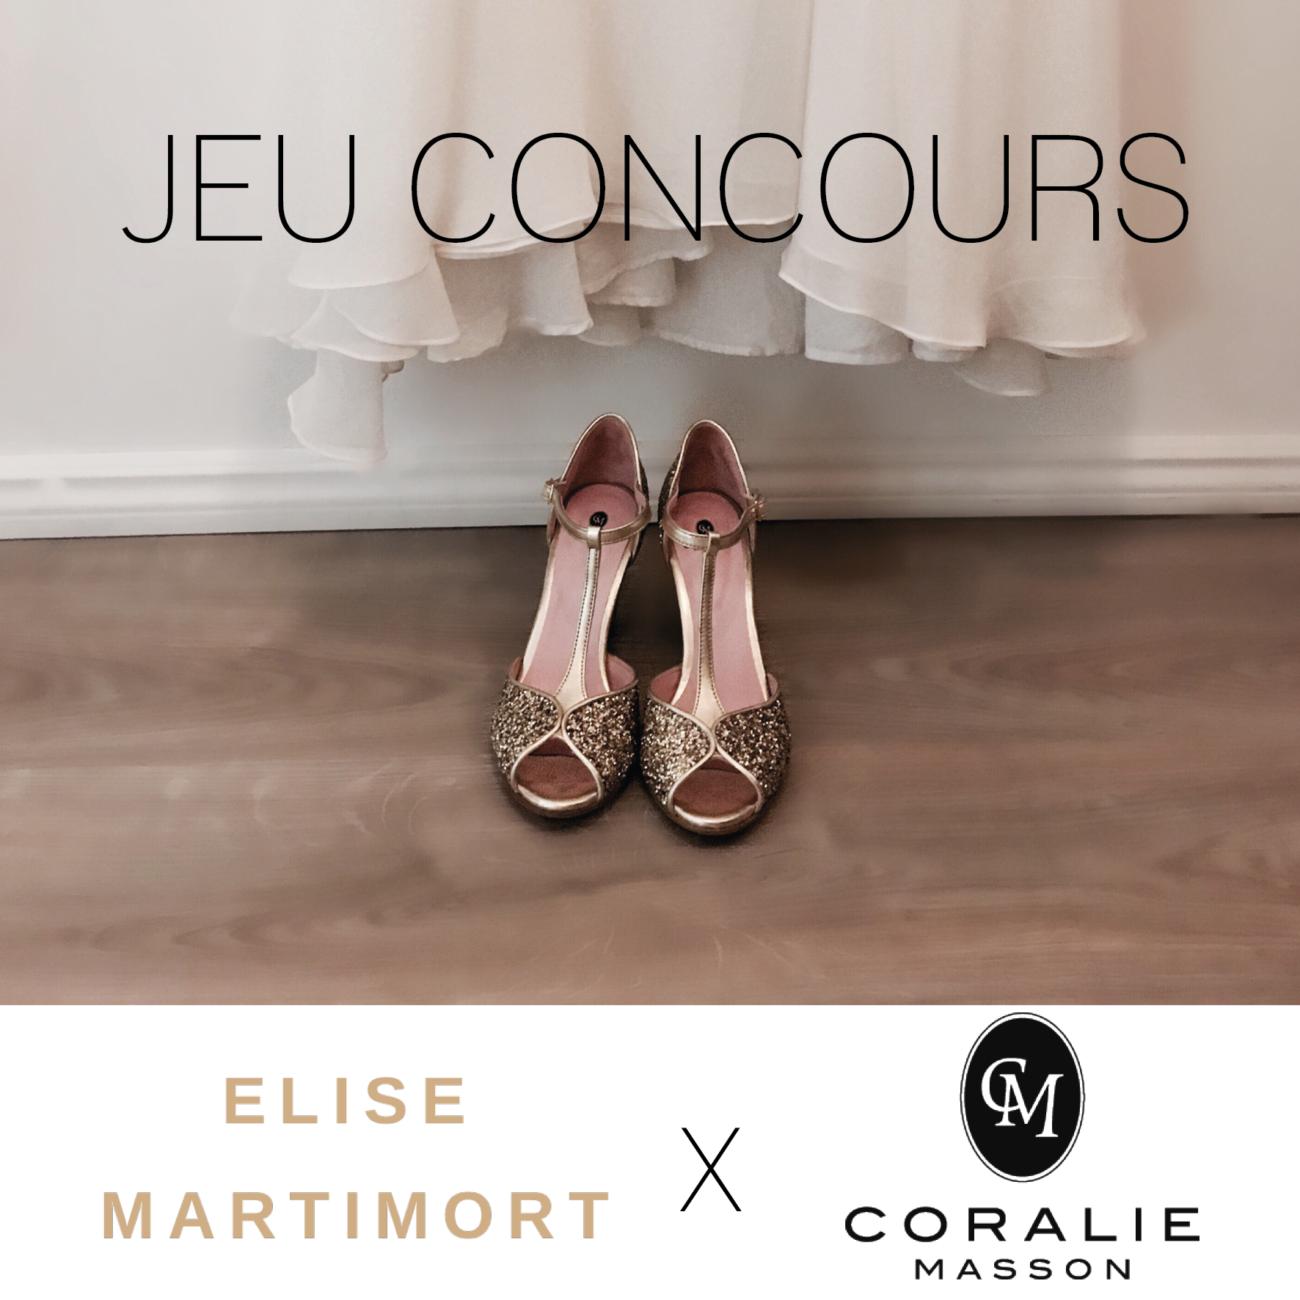 Jeu Concours Instagram Coralie Masson X Elise Martimort Salomés Glitter